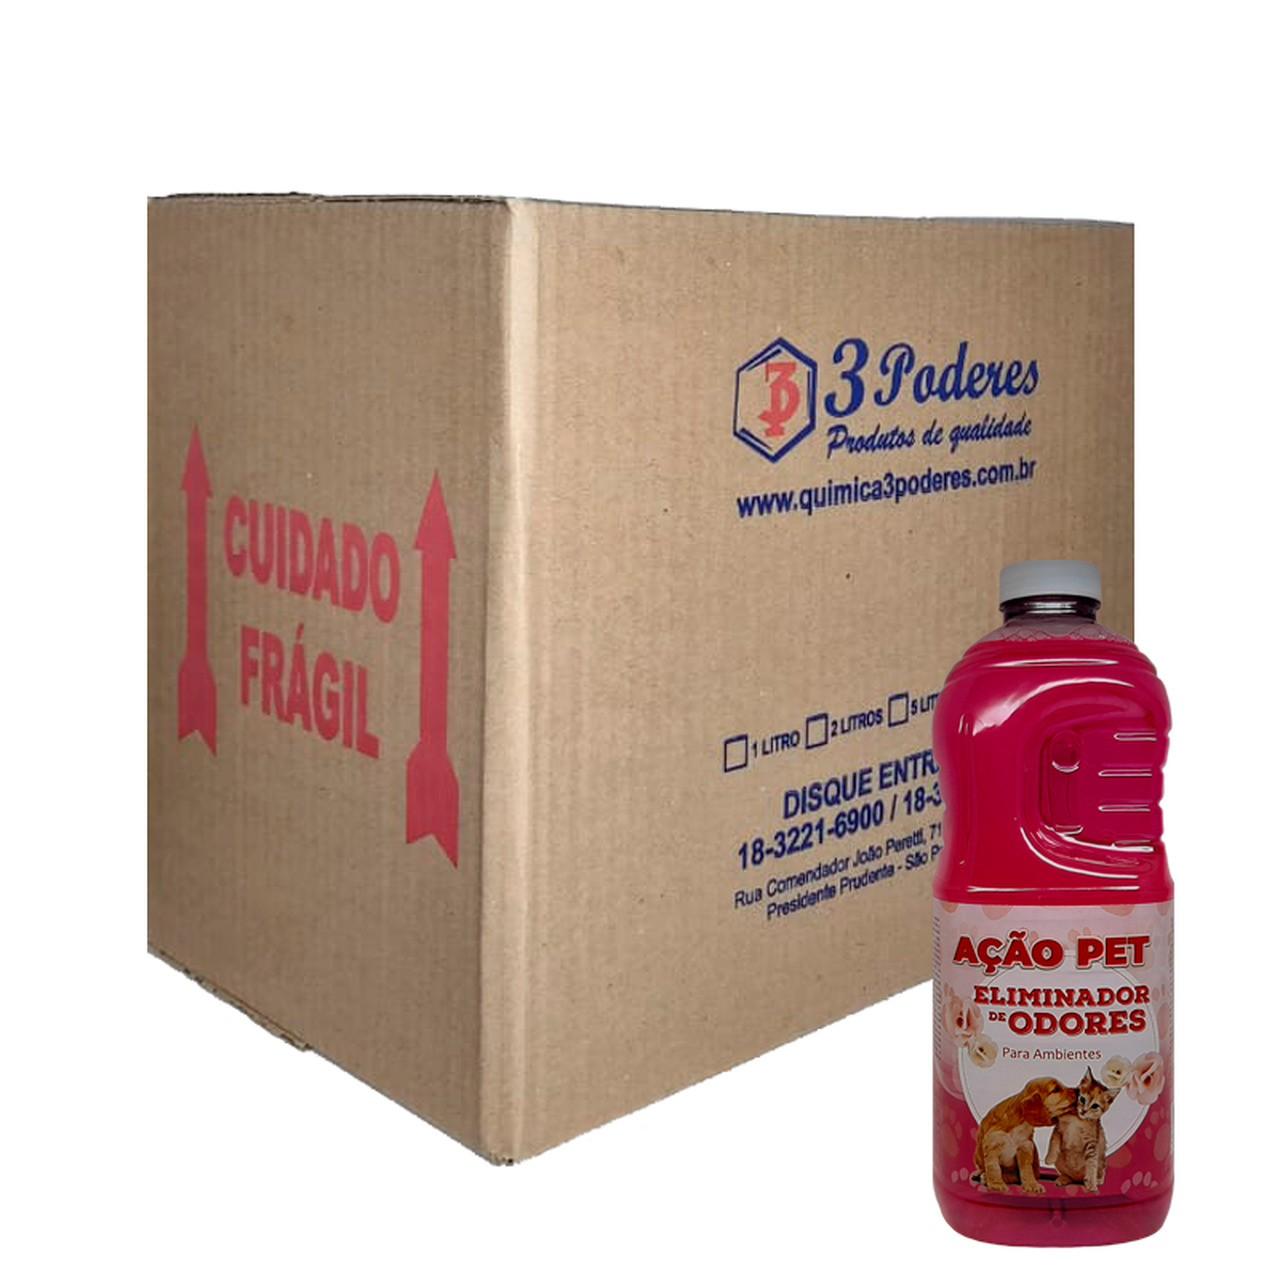 AÇÃO PET 3 Poderes 2LTS - Eliminador De Odores Para Ambientes - Caixa com 6 Un.